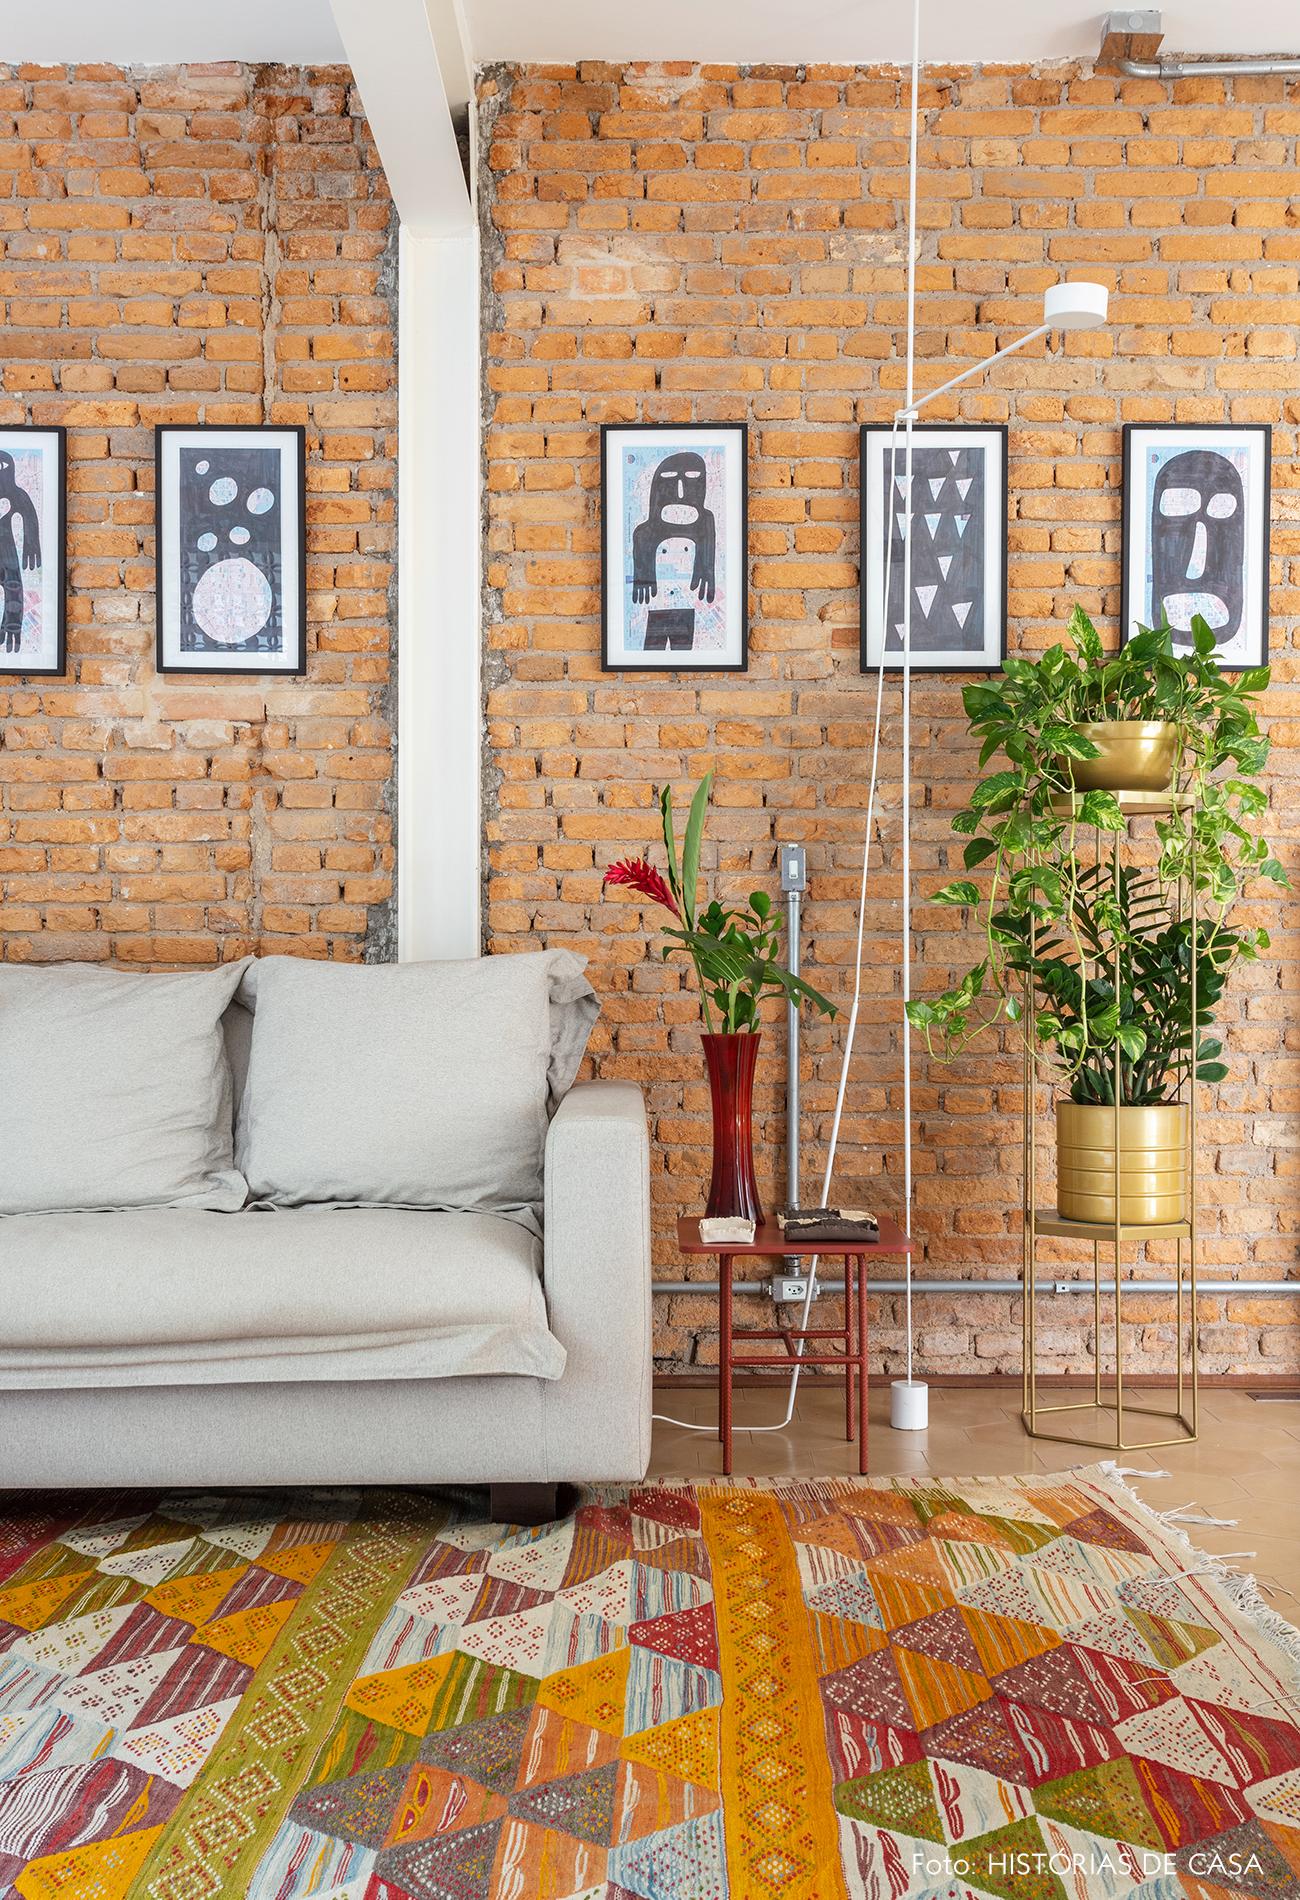 Sala com parede de tijolinhos e tapete colorido, suportes para plantas